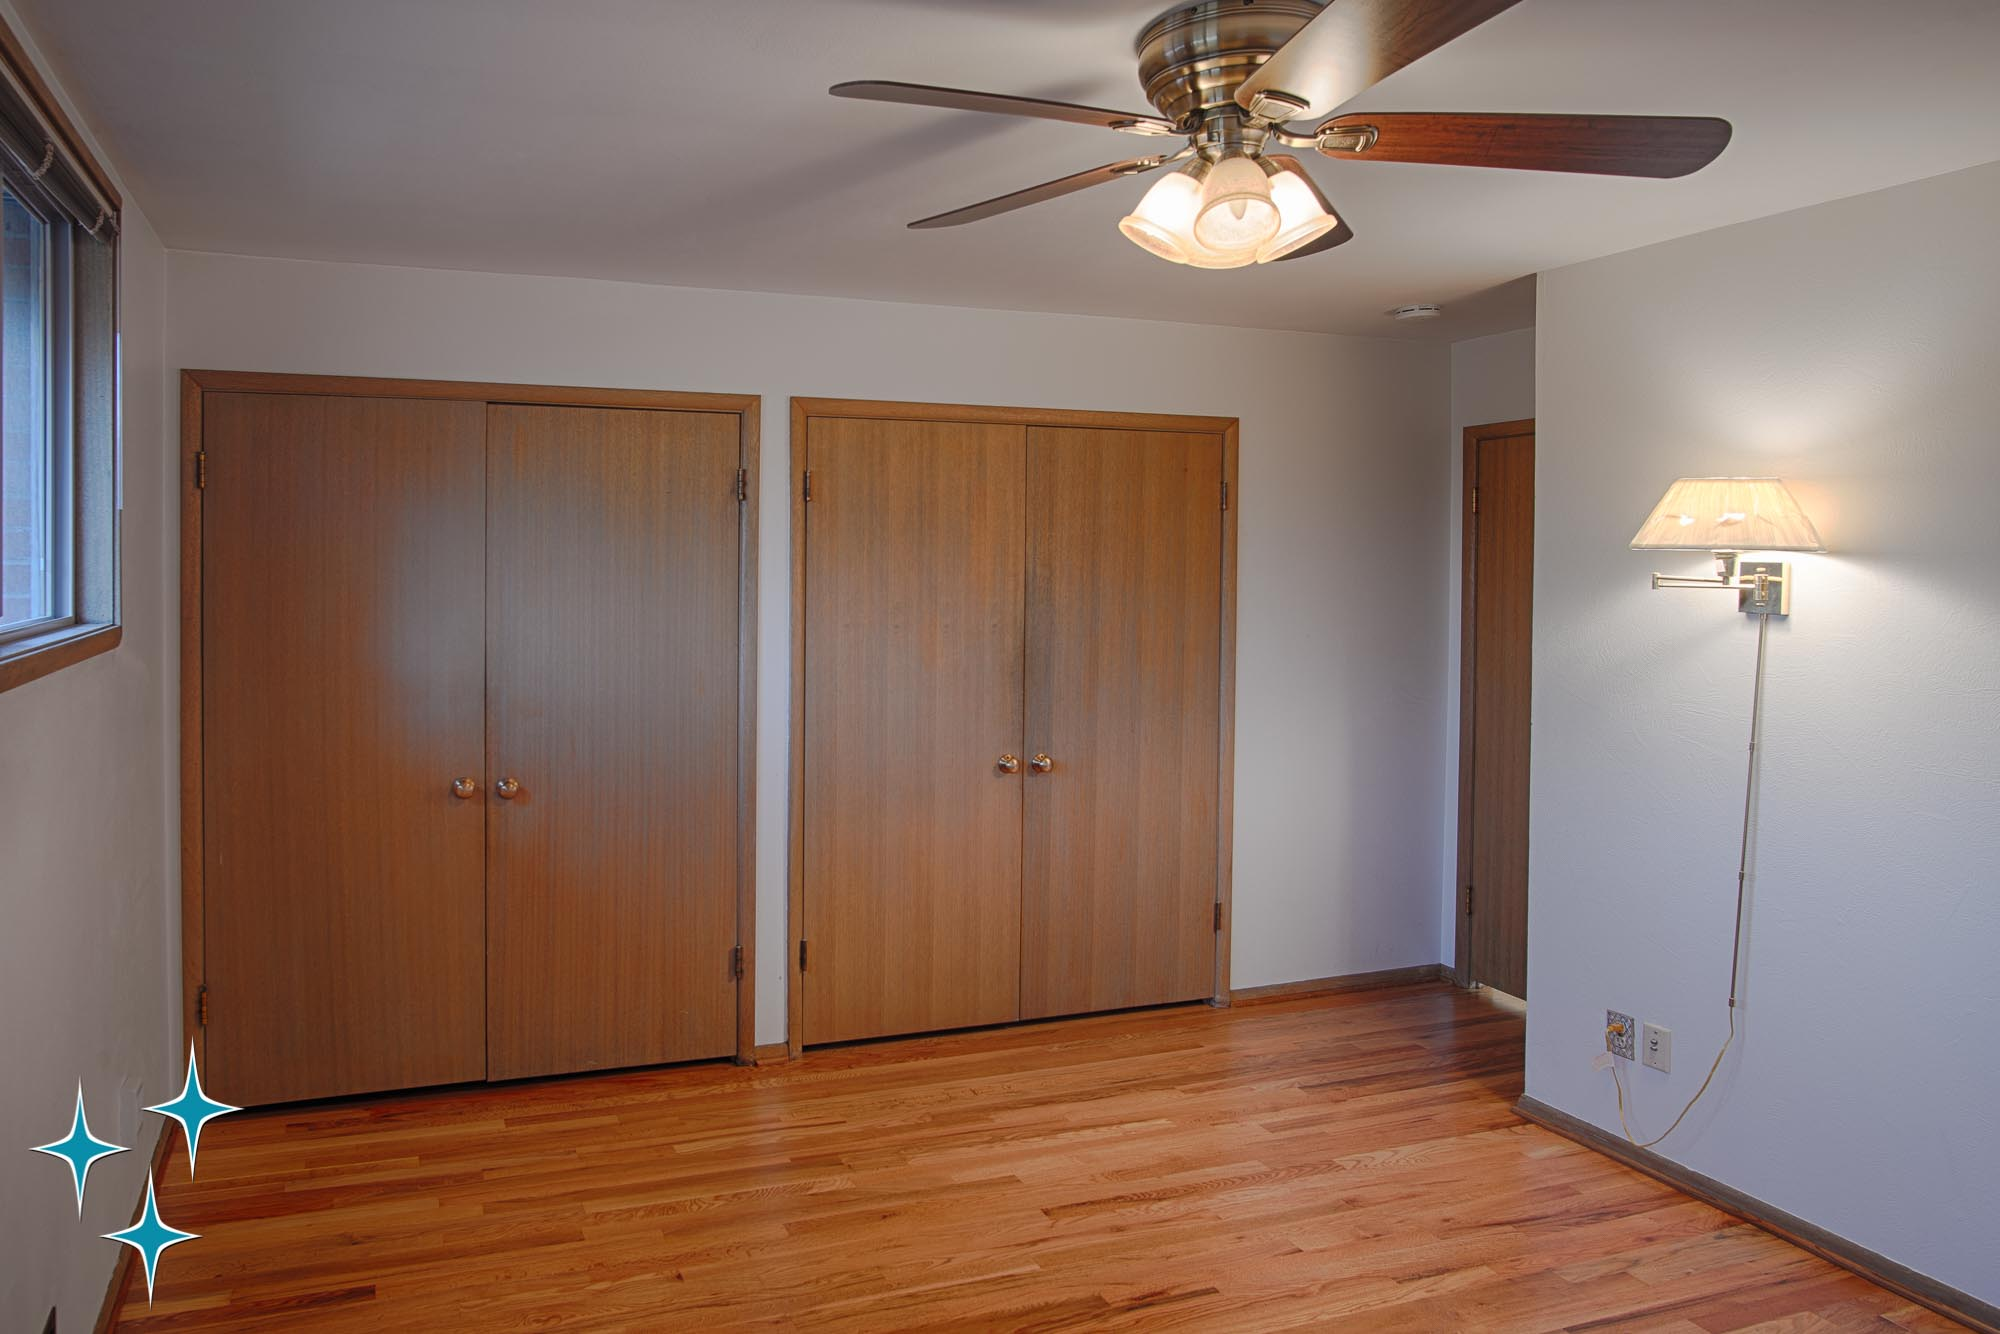 Adrian-Kinney-4155-W-Iliff-Avenue-Denver-r-Carey-Holiday-Home-2000w50-3SWM-22.jpg